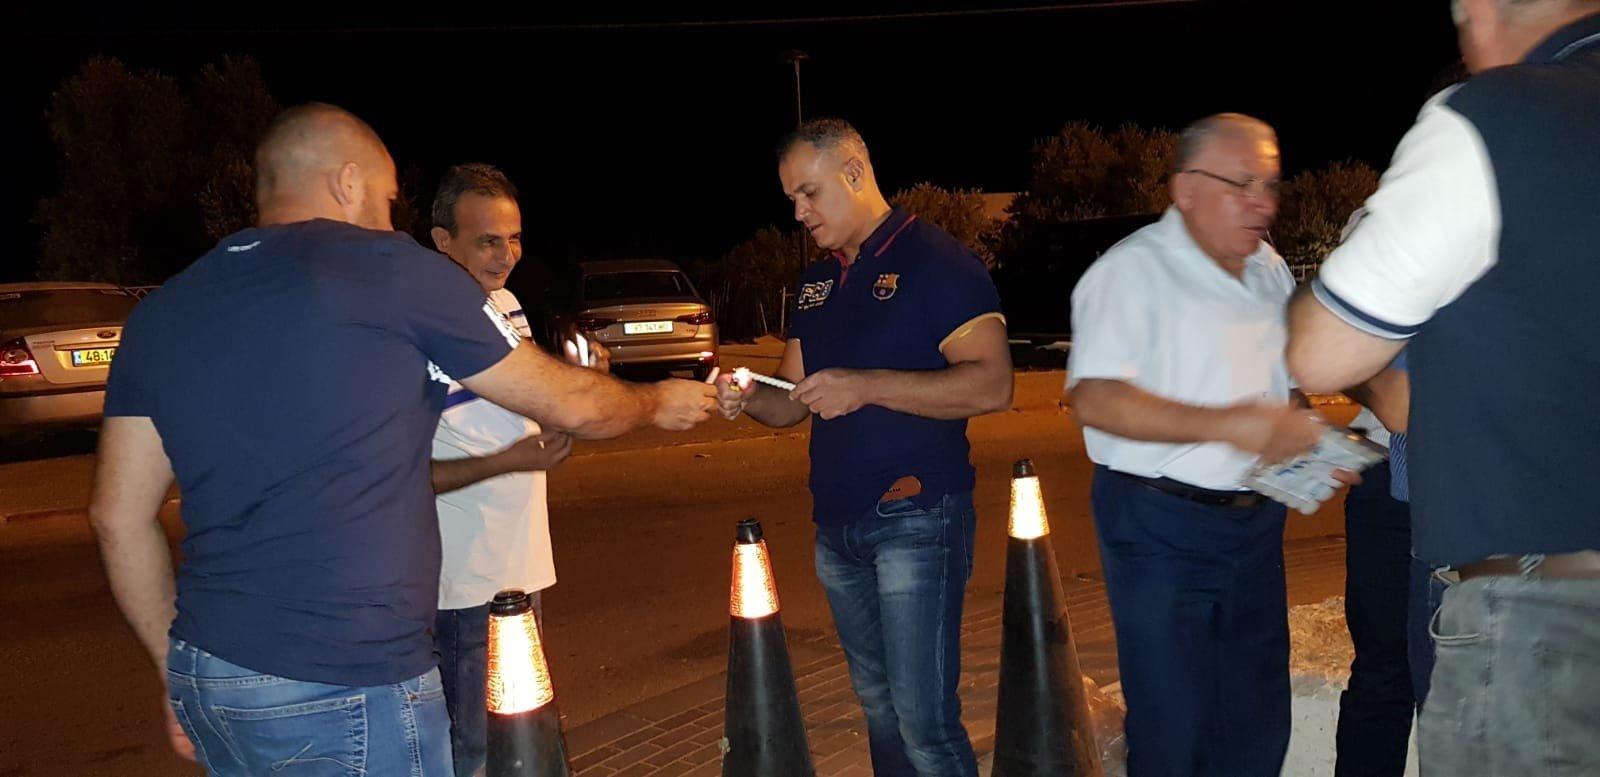 شعب: وقفة اضاءة شموع على شرف الذكرى الـ18 لهبّة أكتوبر